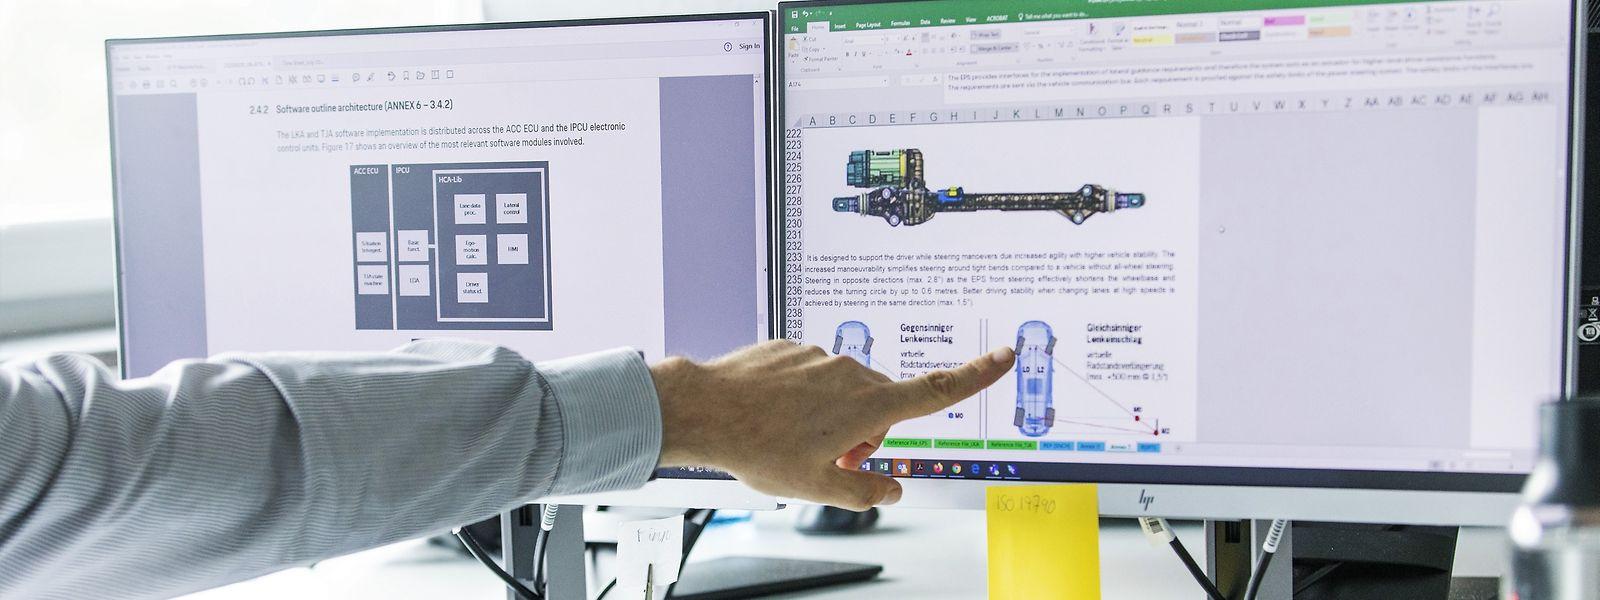 Ein Prüfungsschritt: Die Ingenieure bei Ateel sehen sich die technischen Details an, die die Fahrzeughersteller ihnen übermitteln.